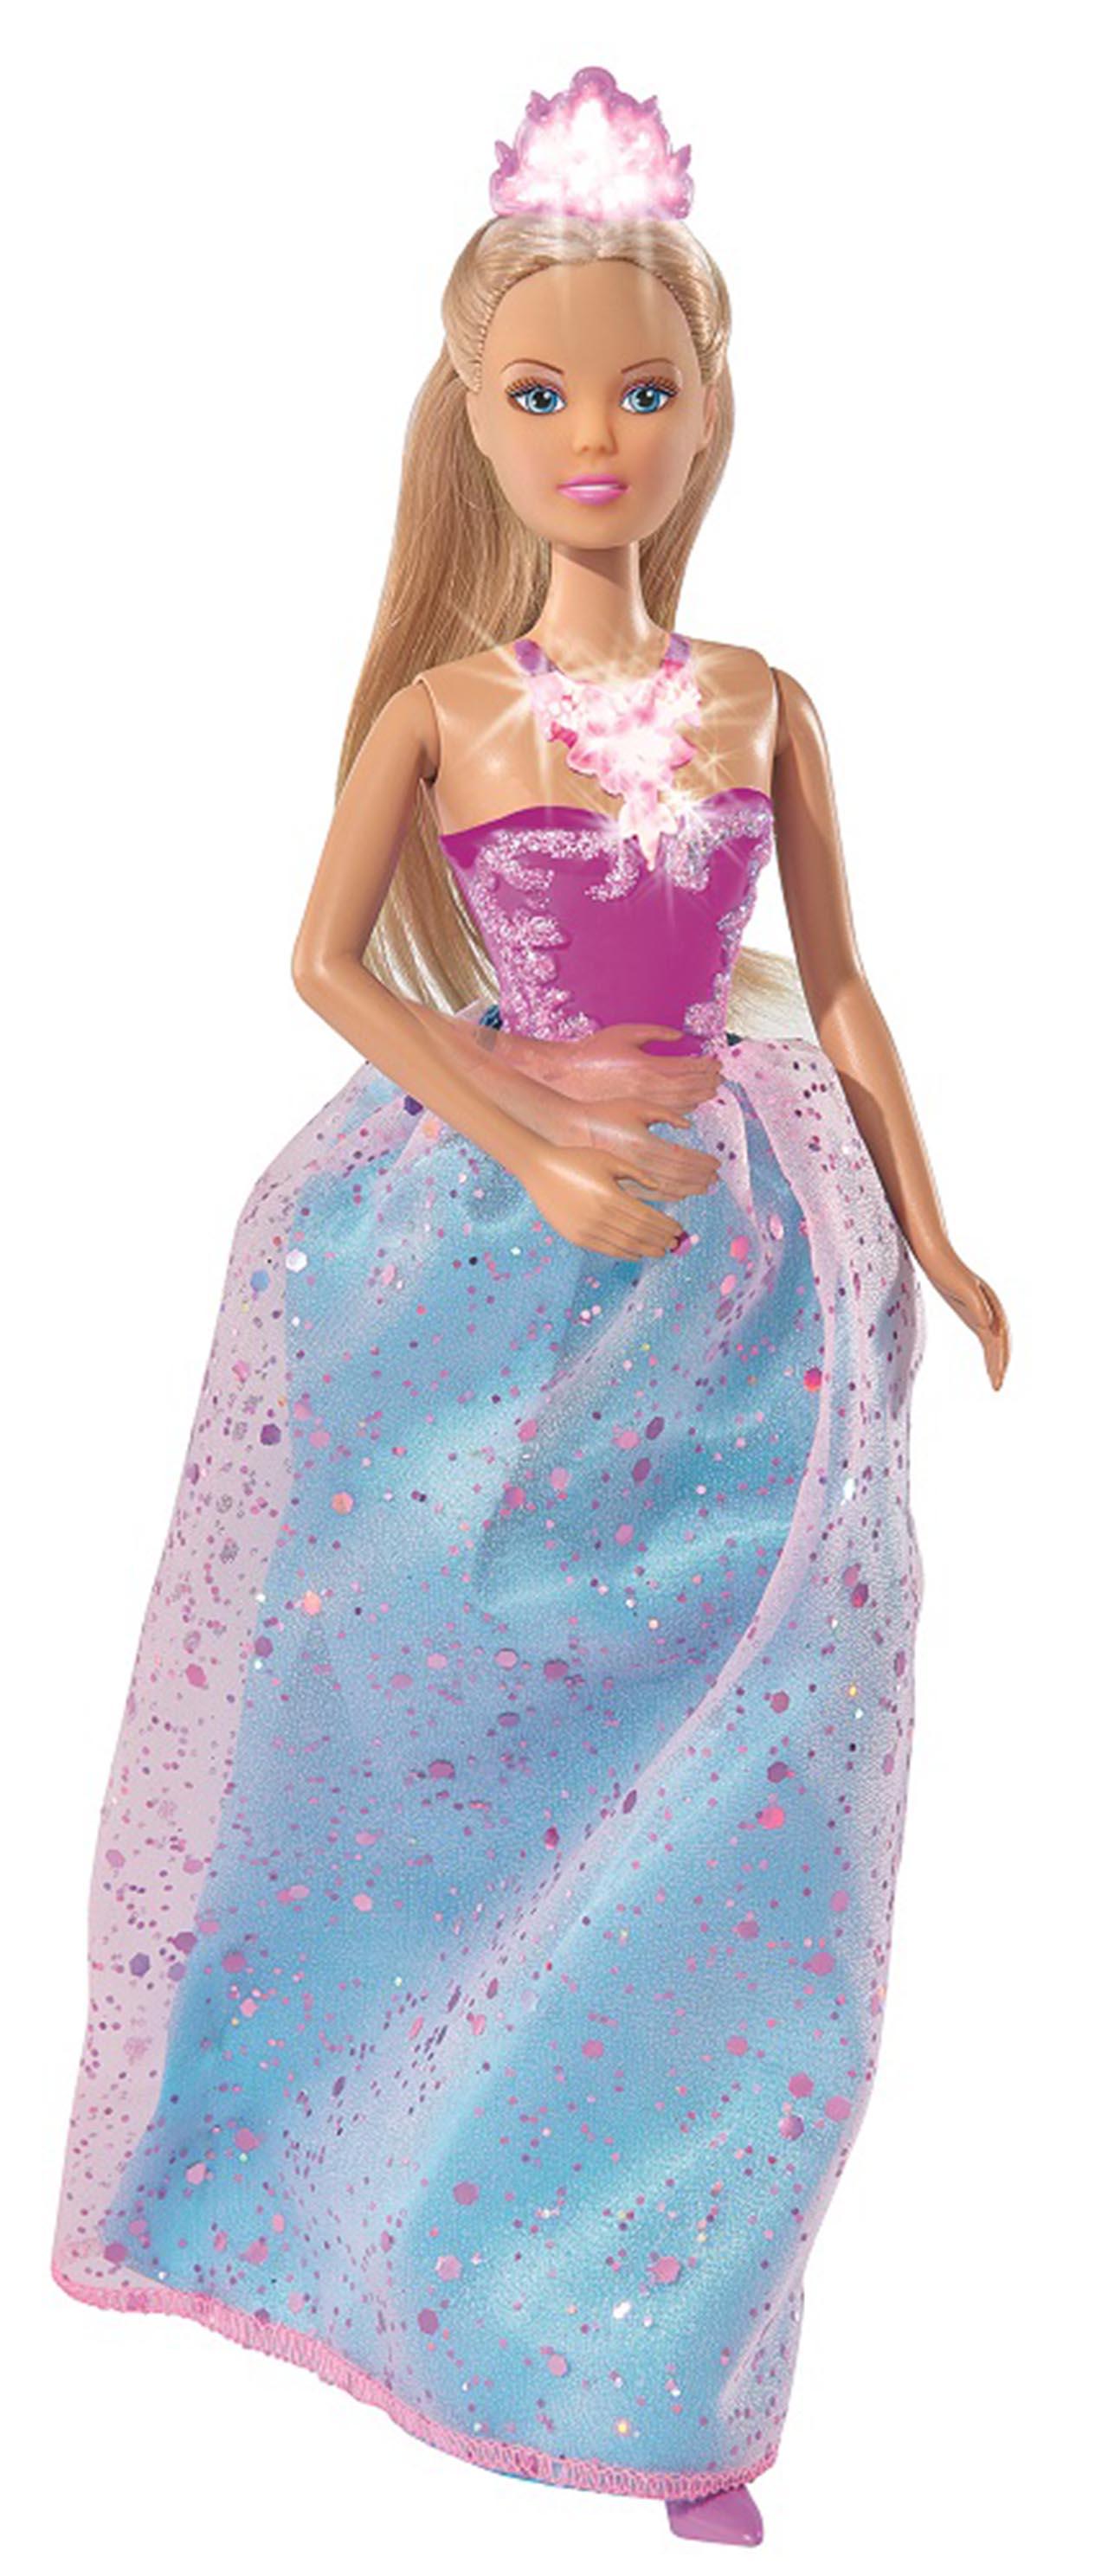 Кукла Штеффи Магическая принцесса, 29 см.Куклы Steffi (Штеффи)<br>Кукла Штеффи Магическая принцесса, 29 см.<br>